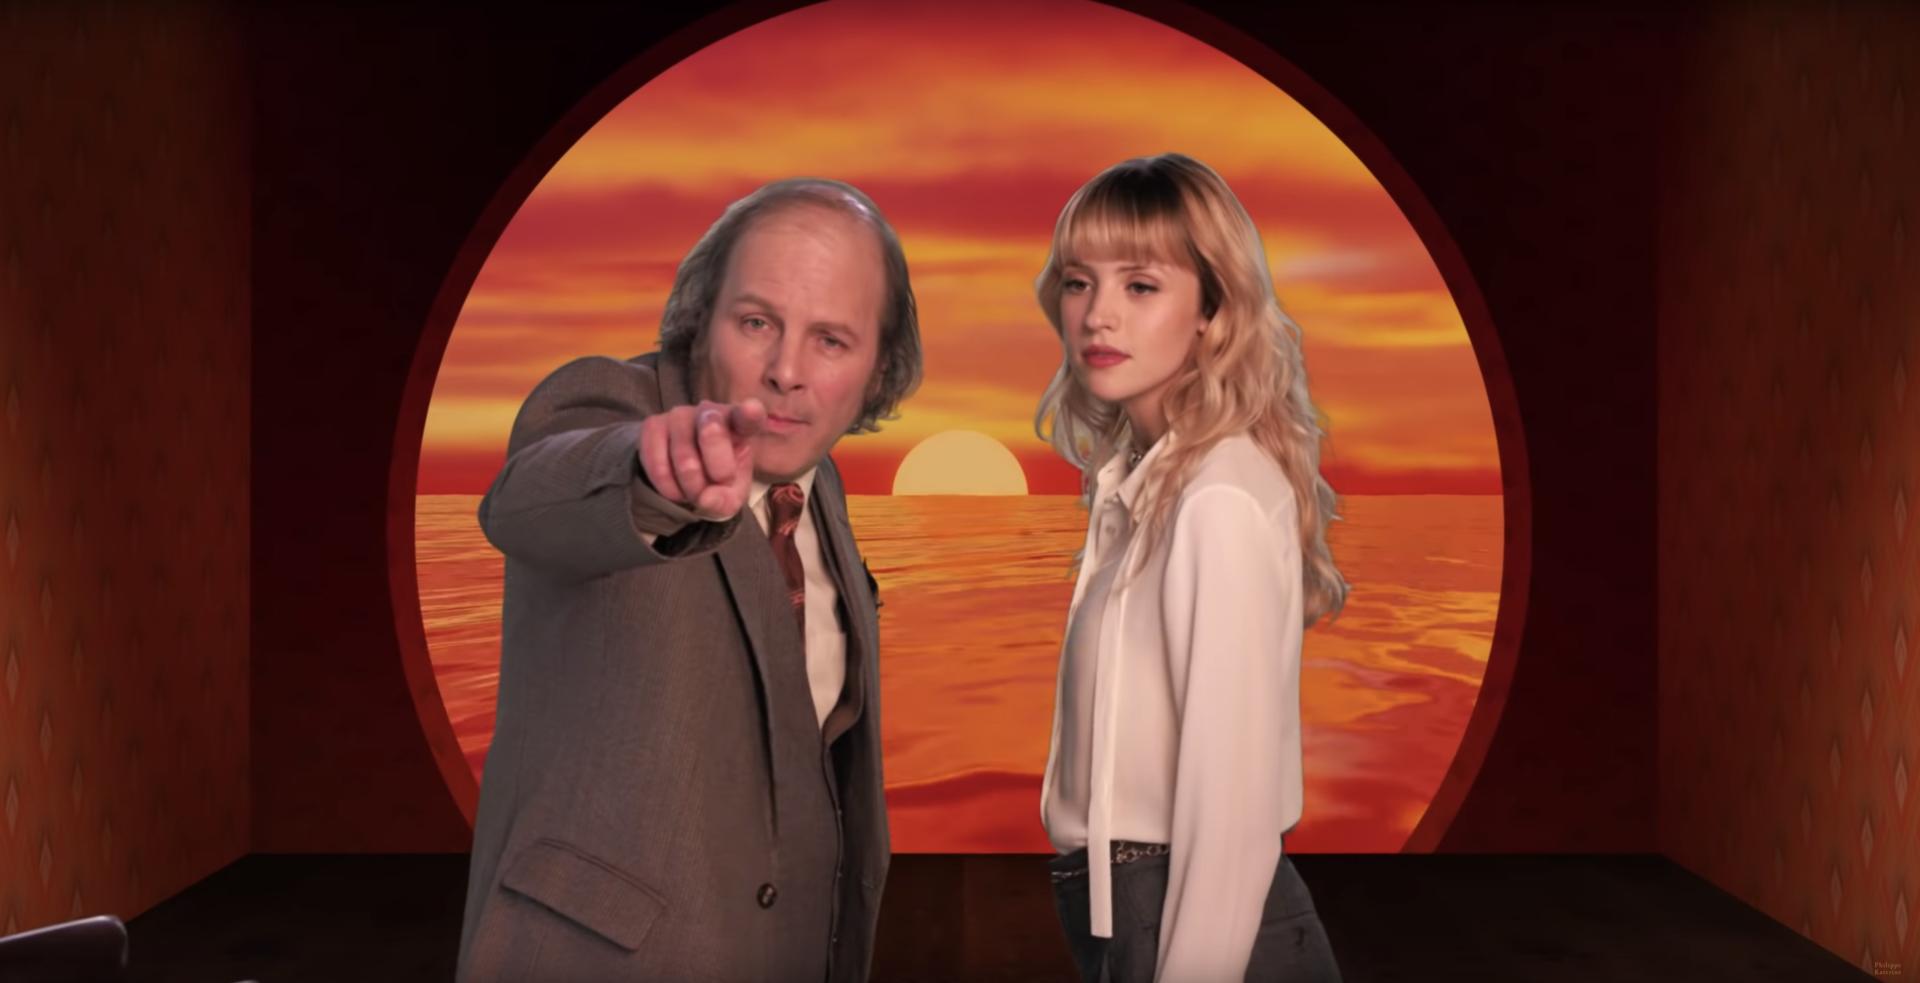 « Duo » le nouveau clip de Philippe Katerine, Angèle et Chilly Gonzales qui nous met du baume au cœur